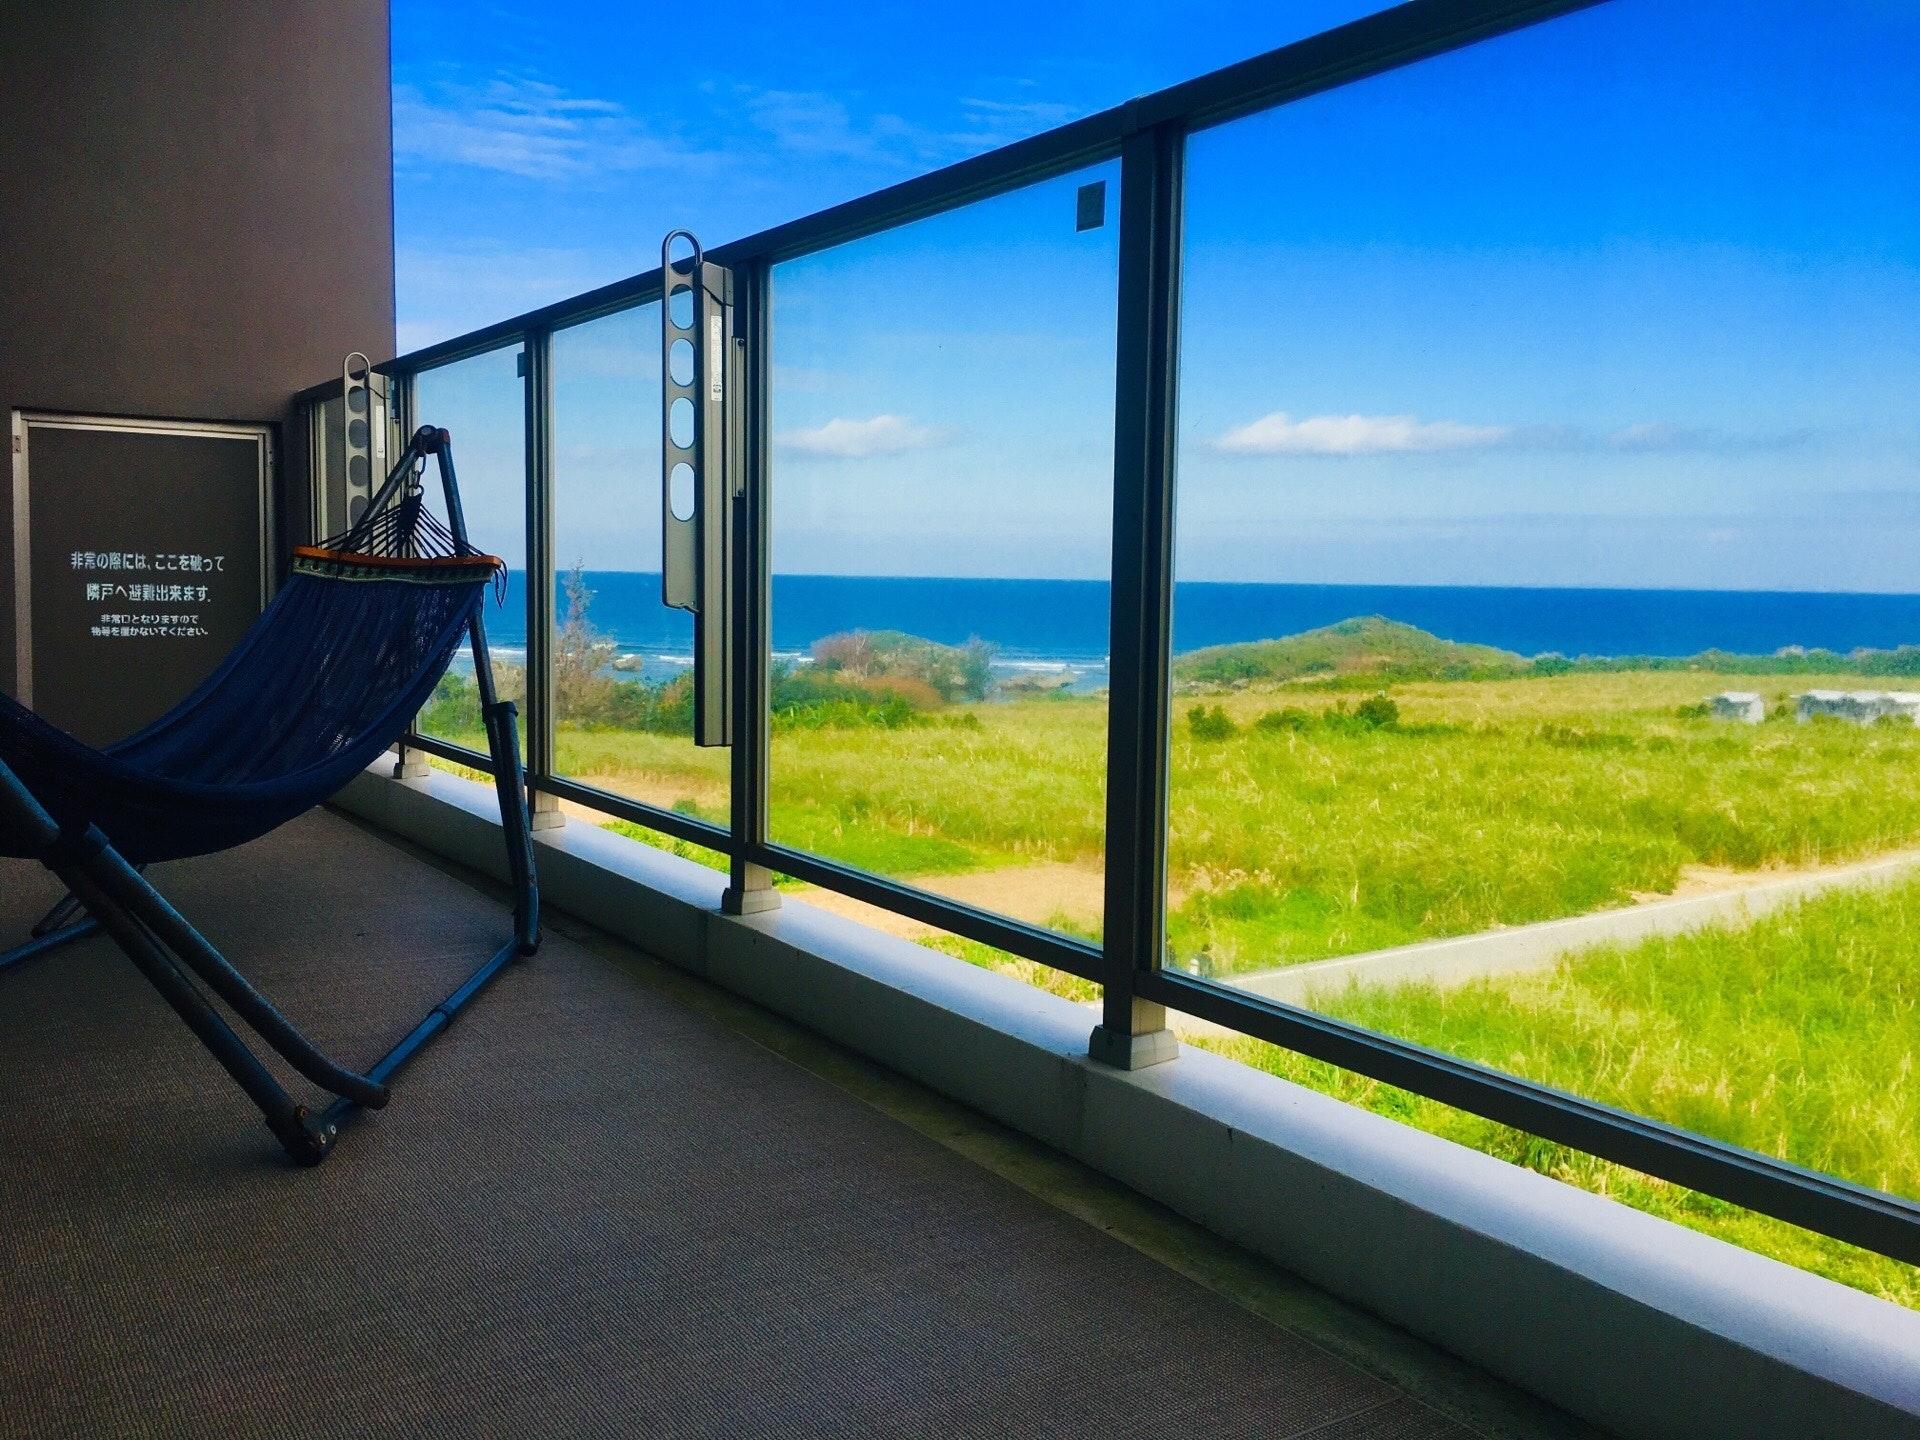 長期滞在OK!ゆったりワーケーション!天然ビーチまで徒歩1分!最上階から伊江島と海が一望できる部屋!